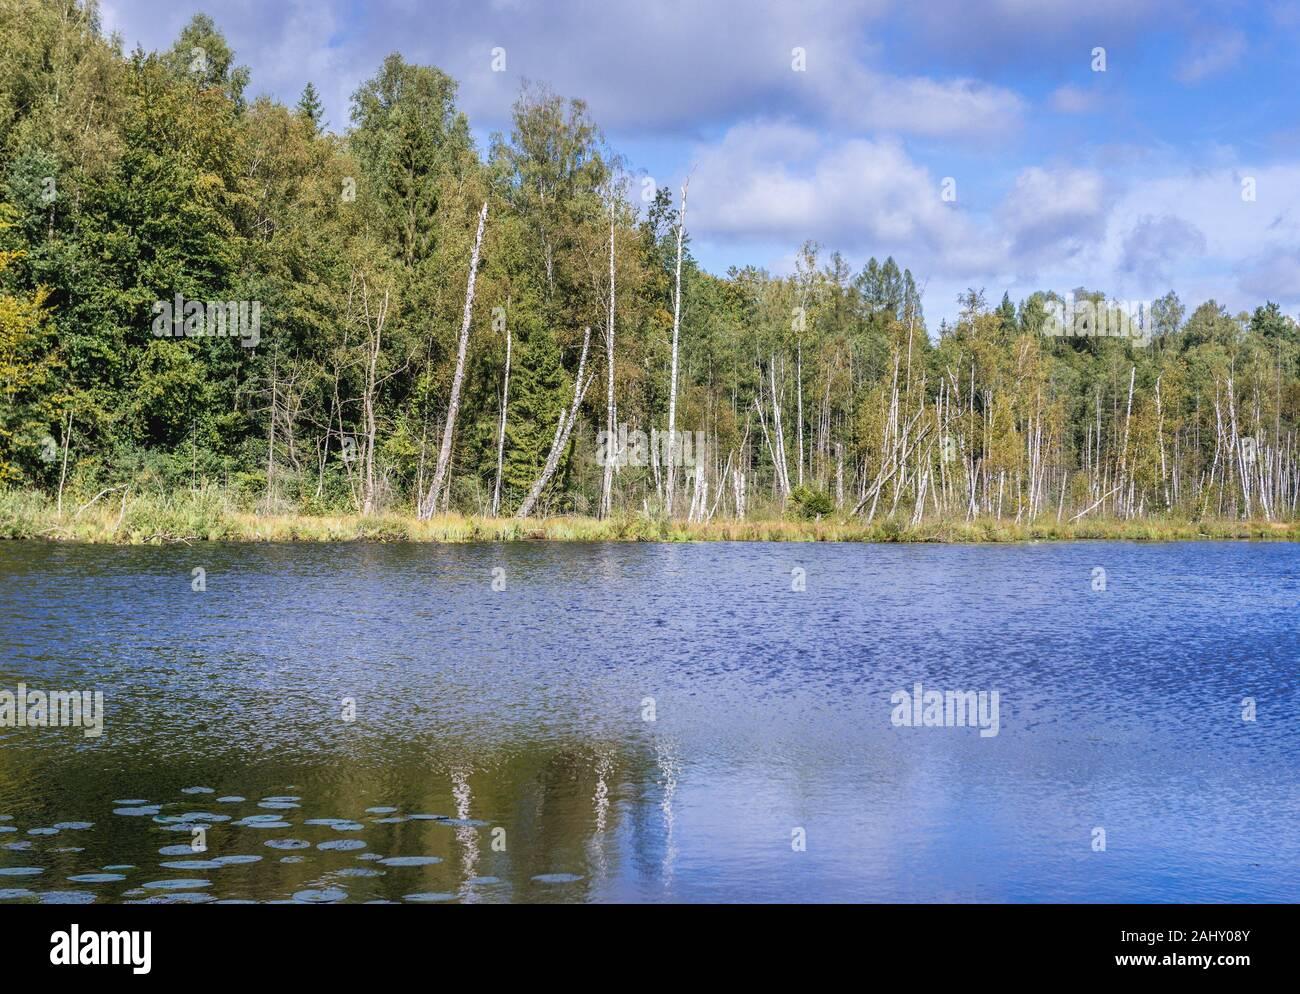 Vista sul Jezioro Francuskie (Francese Lago) Riserva naturale di colline Dylewo Landscape Park, Contea di Ostroda in Polonia. Foto Stock